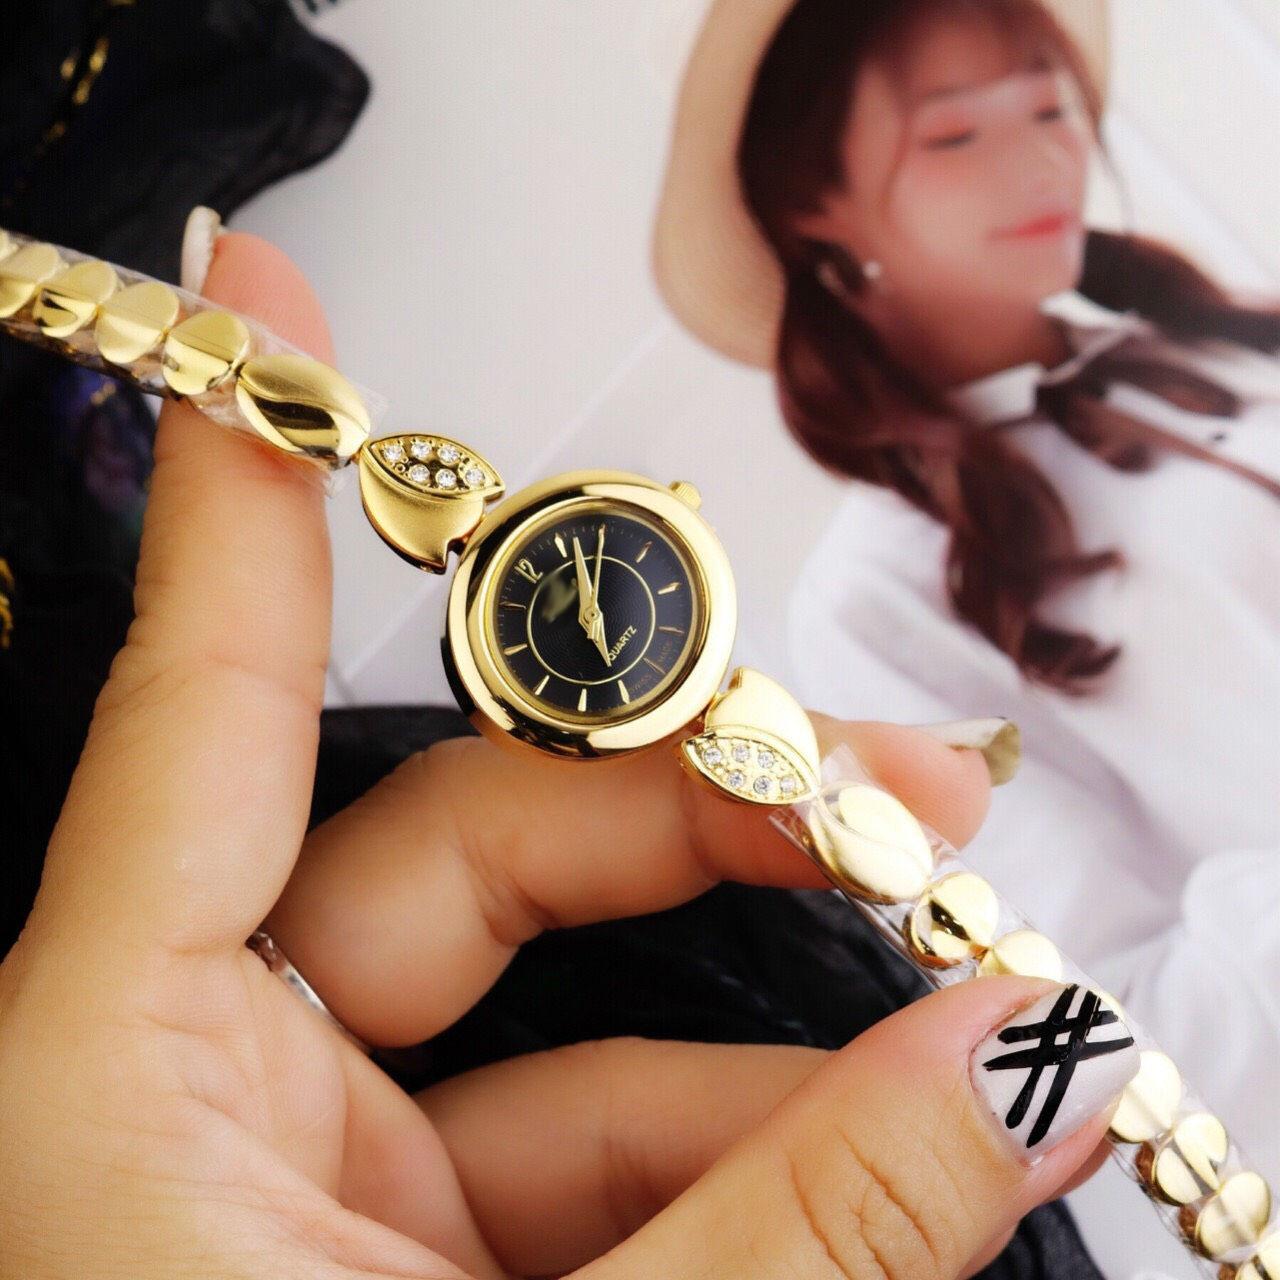 đồng hồ nữ cao cấp chất đẹp sang trọng bao xài bao đẹp